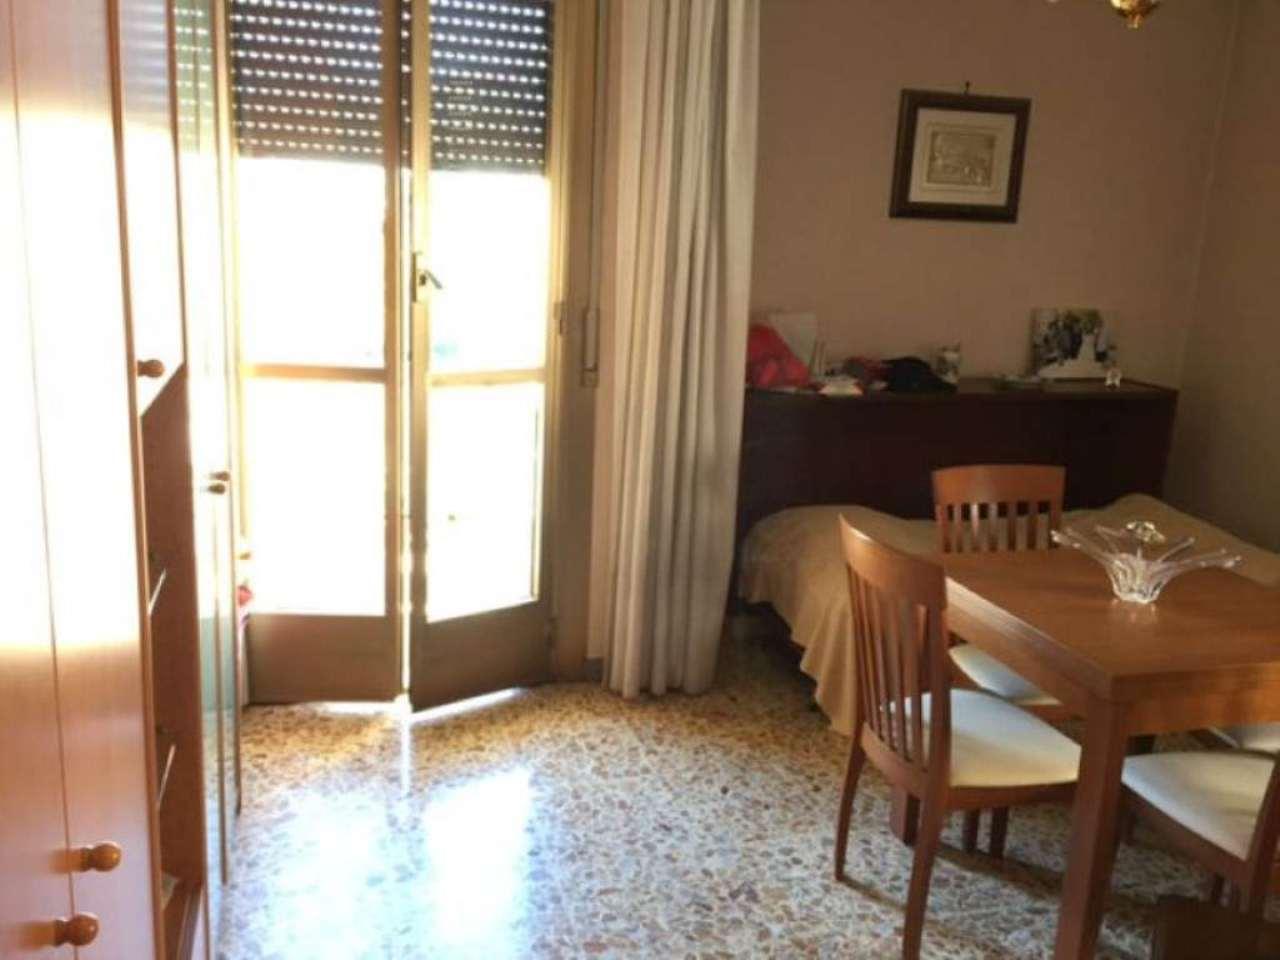 Bilocale vendita roma zona ardeatino colombo montagnola for Planimetrie dell appartamento del garage di una camera da letto